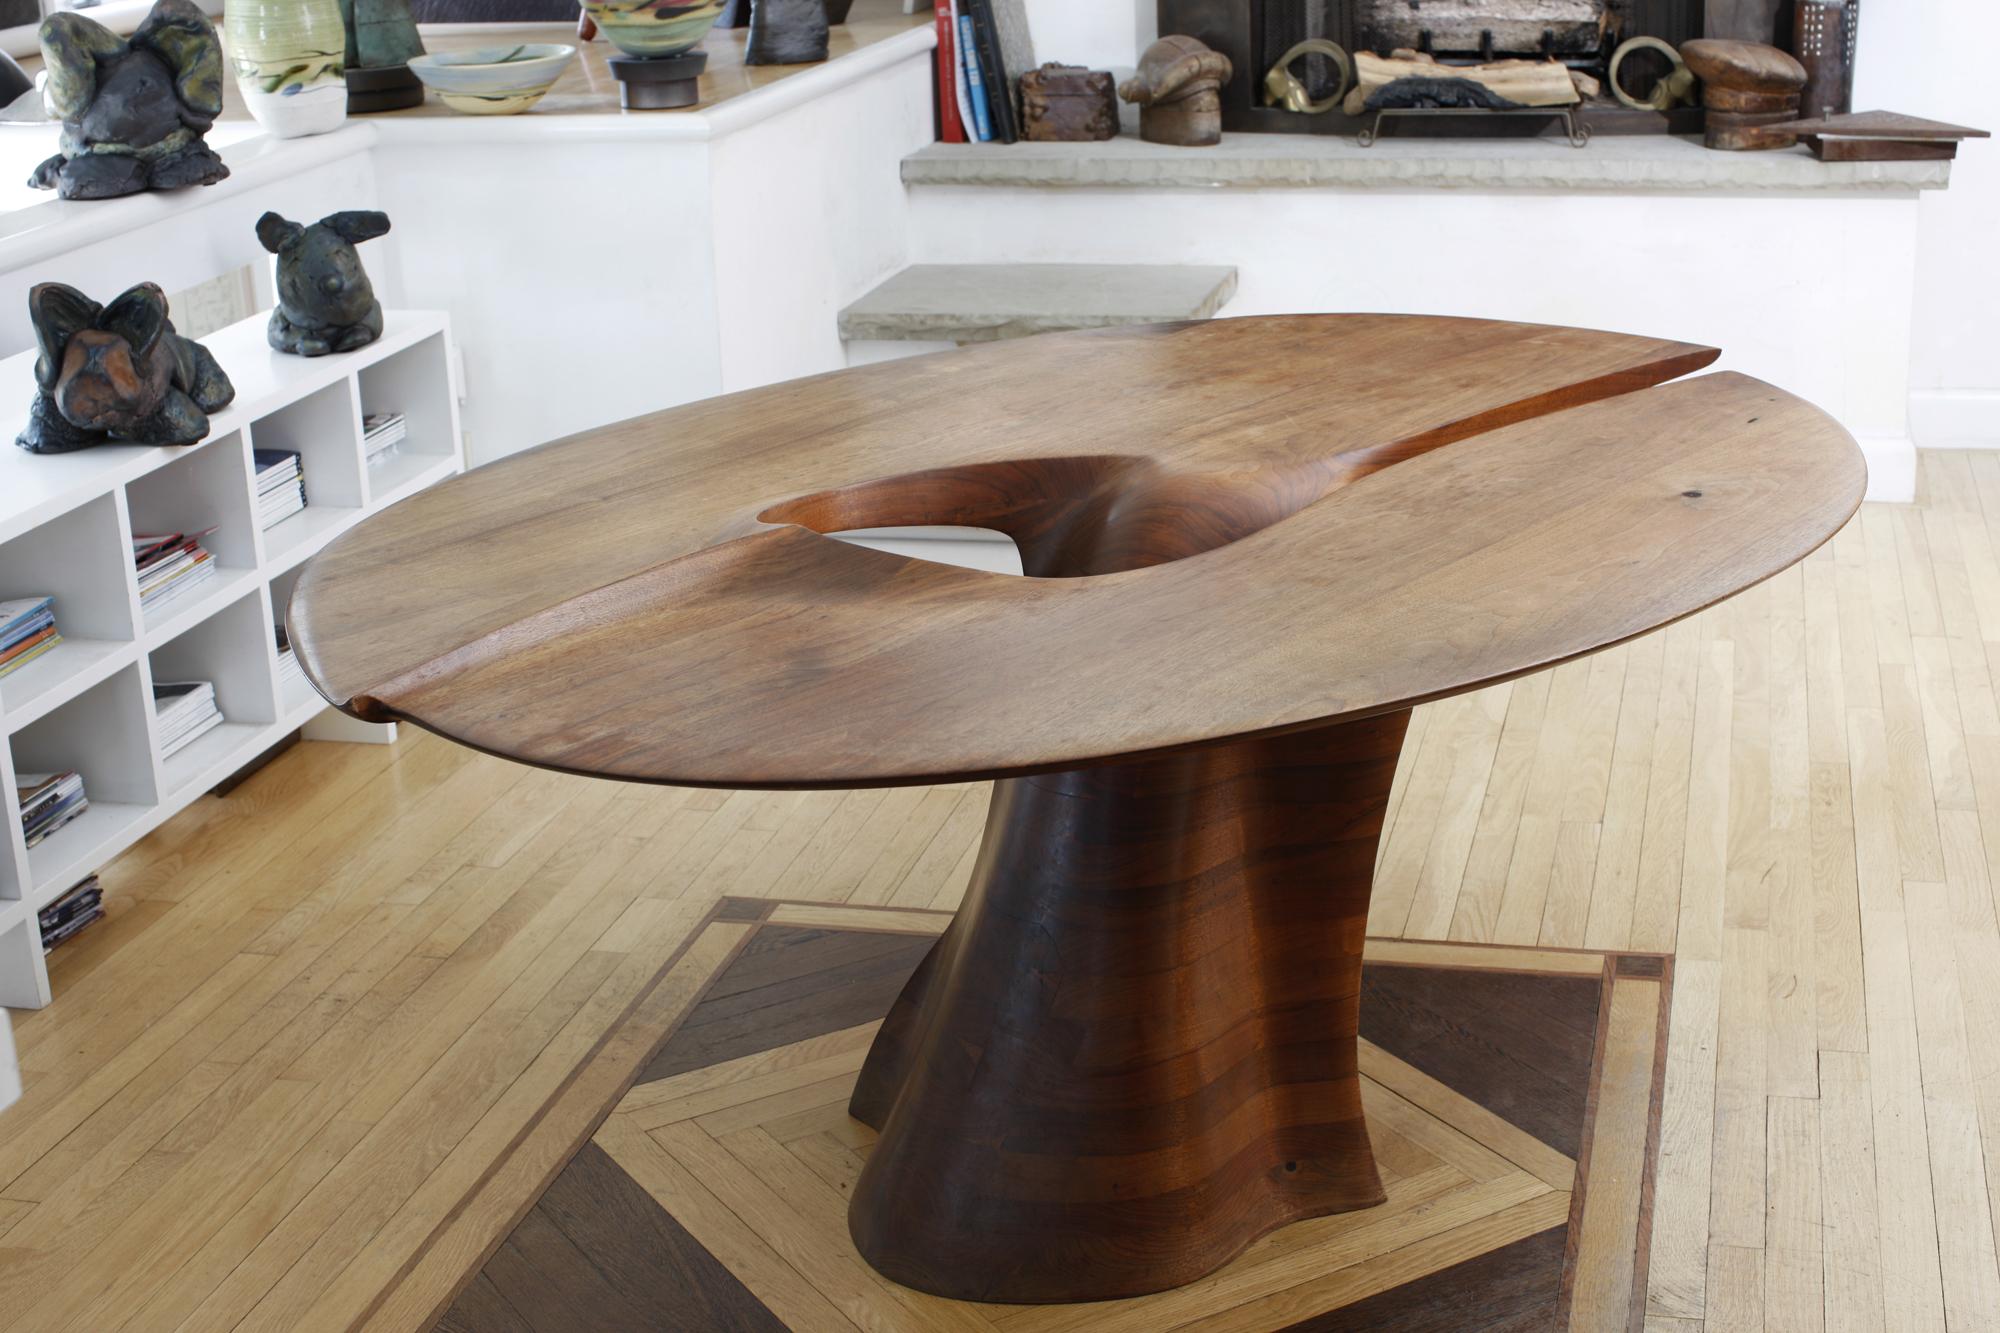 U0027Dining Table,u0027 1966, By Wendell Castle, Walnut, 30 X 58. U0027